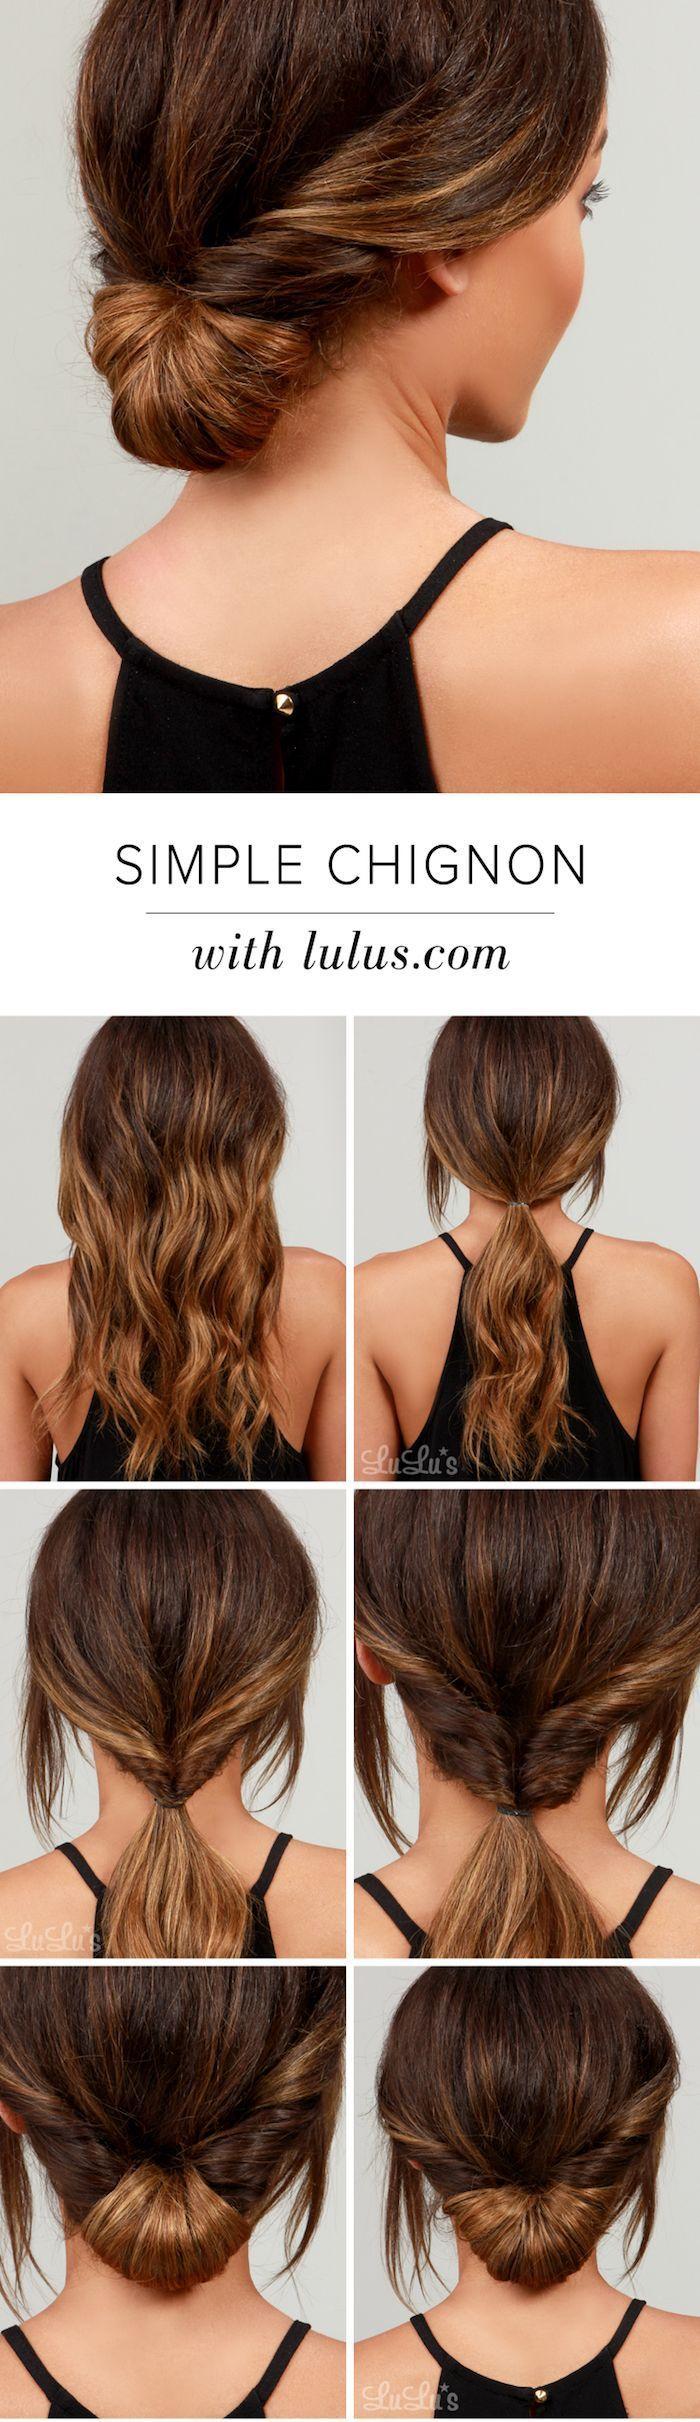 inspirierende Ideen für einfache Frisuren für den Alltag